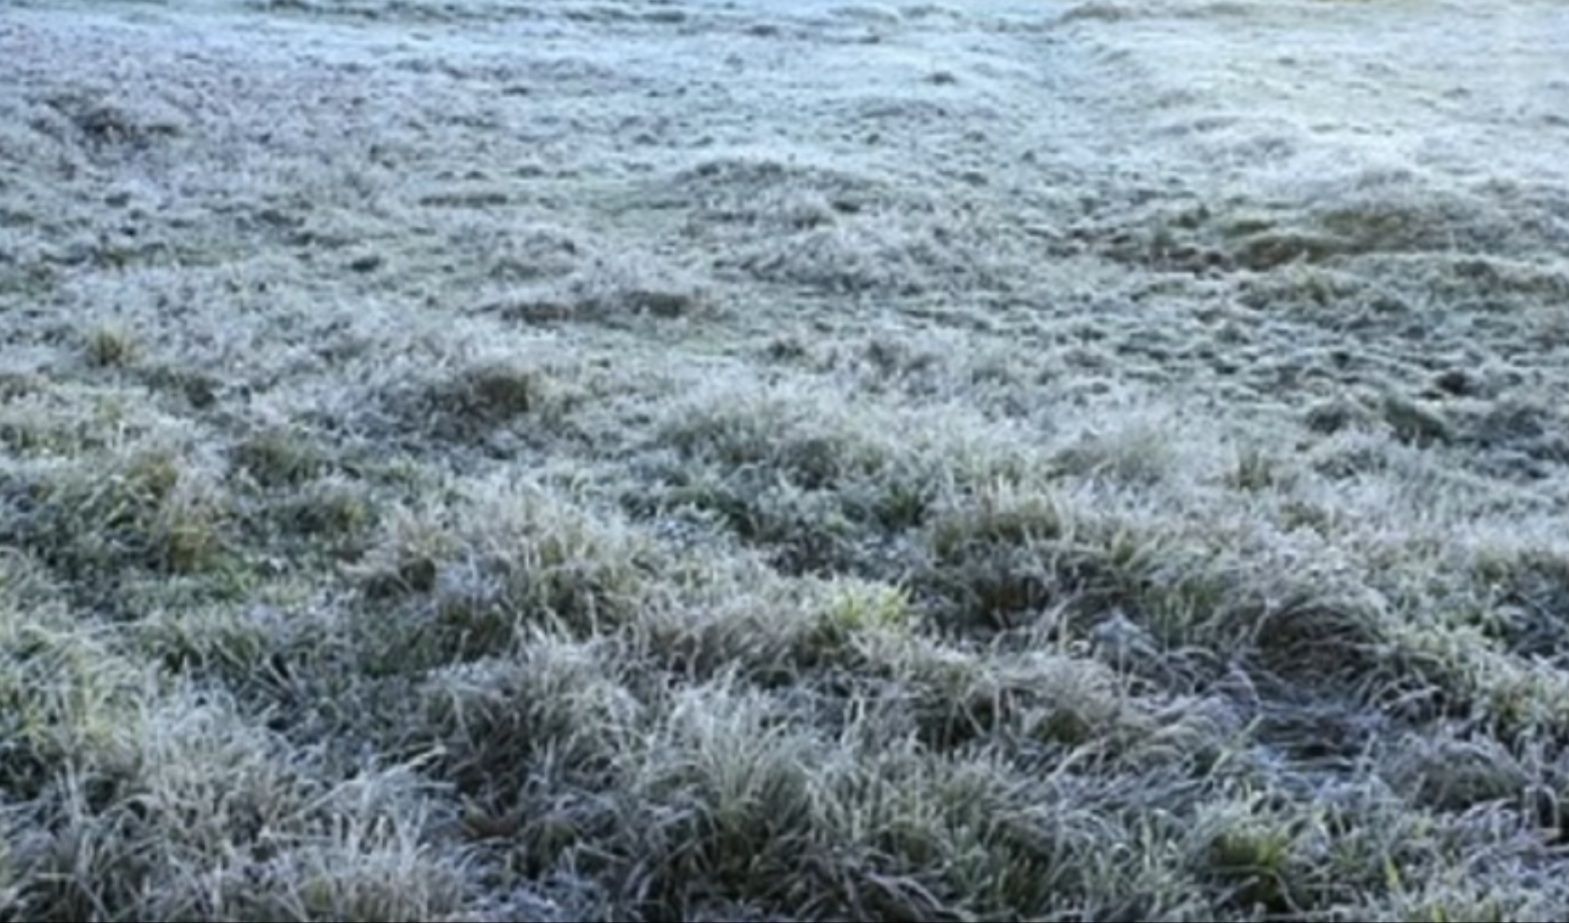 Emater-MG divulga levantamento de área afetada por geadas em pastagens, grãos, frutas, hortaliças e flores